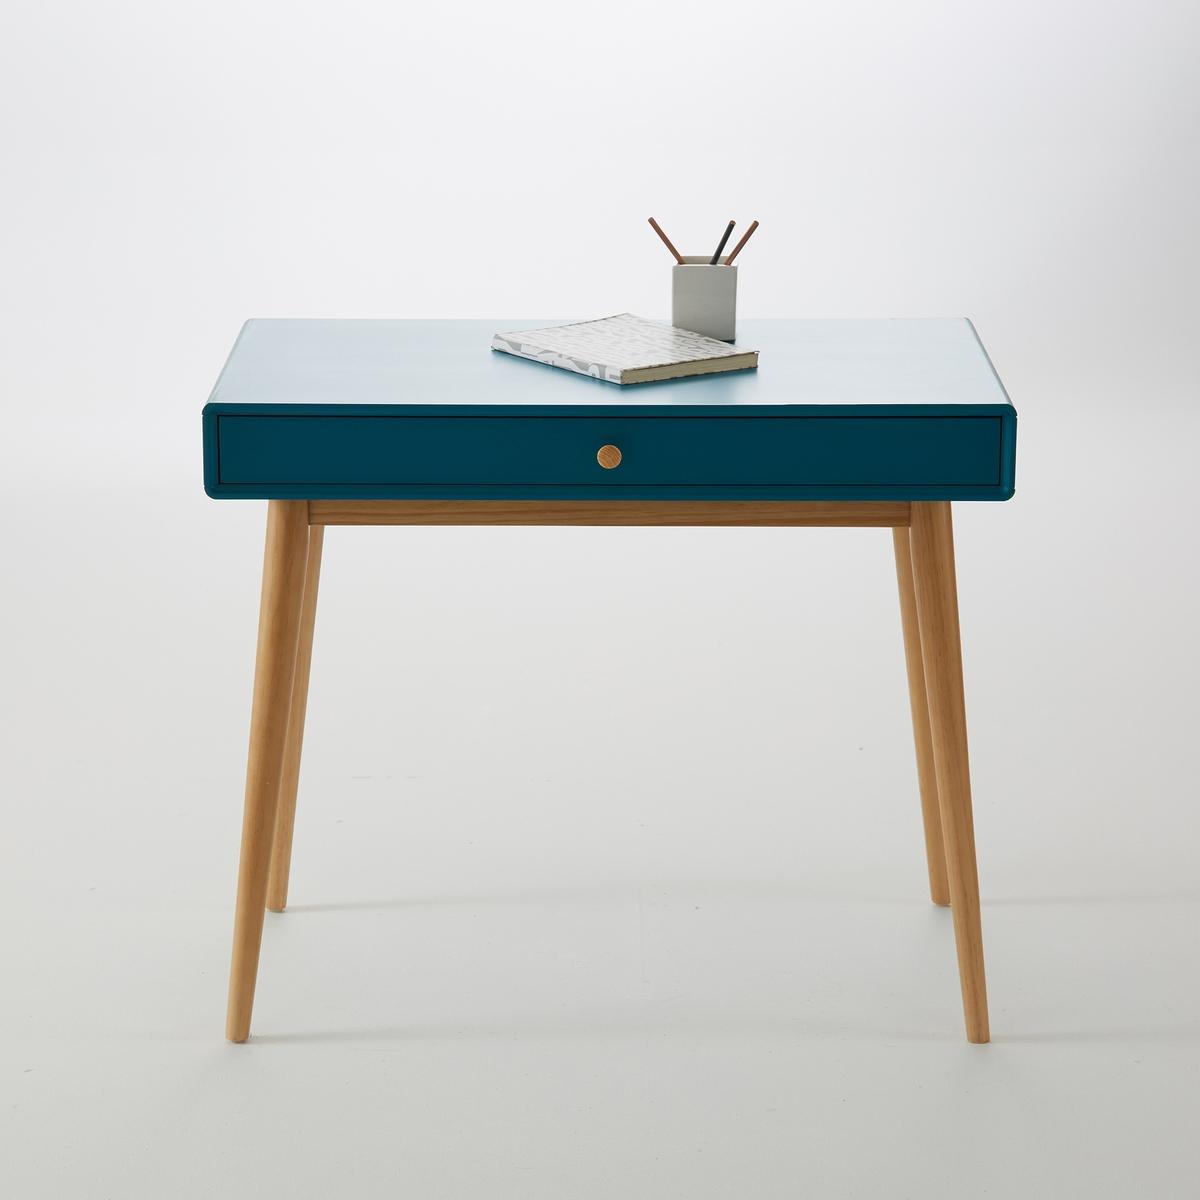 Стол La Redoute Письменный с ящиком JIMI единый размер синий стол la redoute письменный из массива сосны на треноге jimi единый размер белый